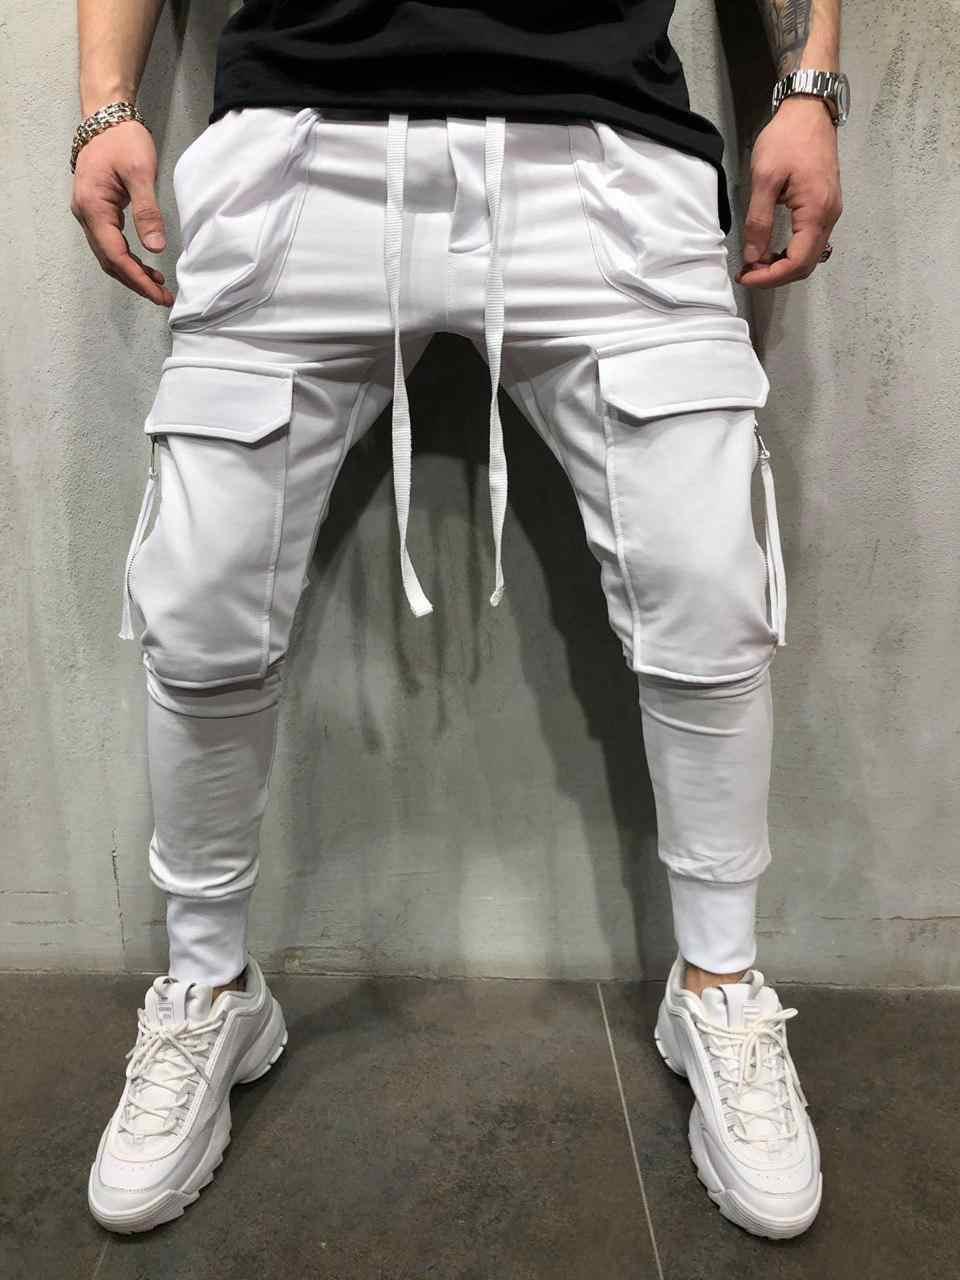 Erkek Joggers rahat pantolon spor erkekler spor eşofman altları sıska Sweatpants pantolon erkek siyah spor salonları Jogger parça pantolon